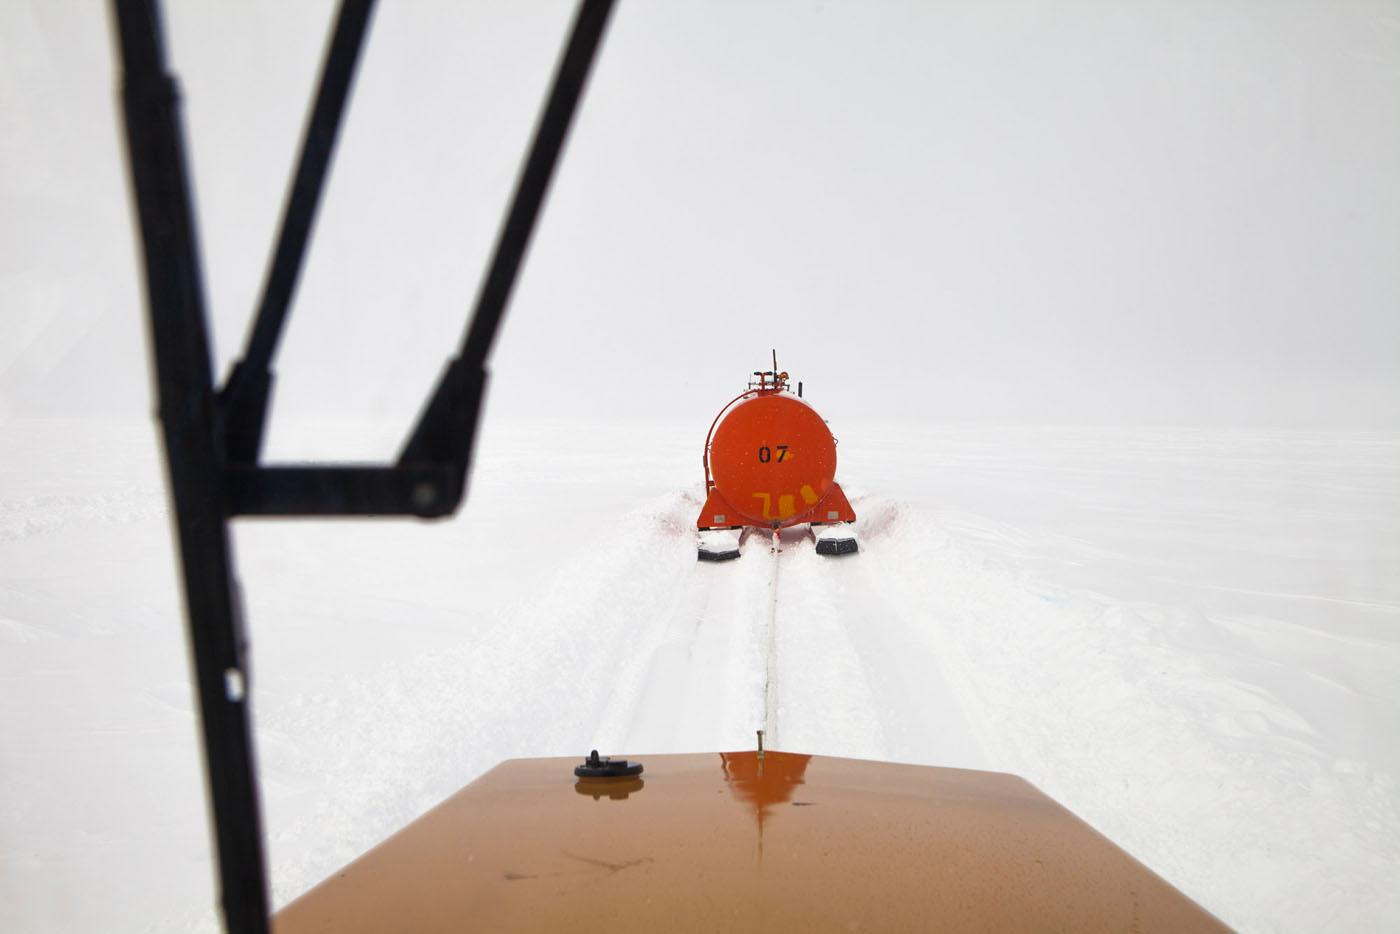 Une cuve de gasoil tractee par un tracteur vue de la cabine d'un tracteur de tete sur le raid de ravitaillement de la station Franco-Italienne Concordia. Antarctique, 02/02/2013